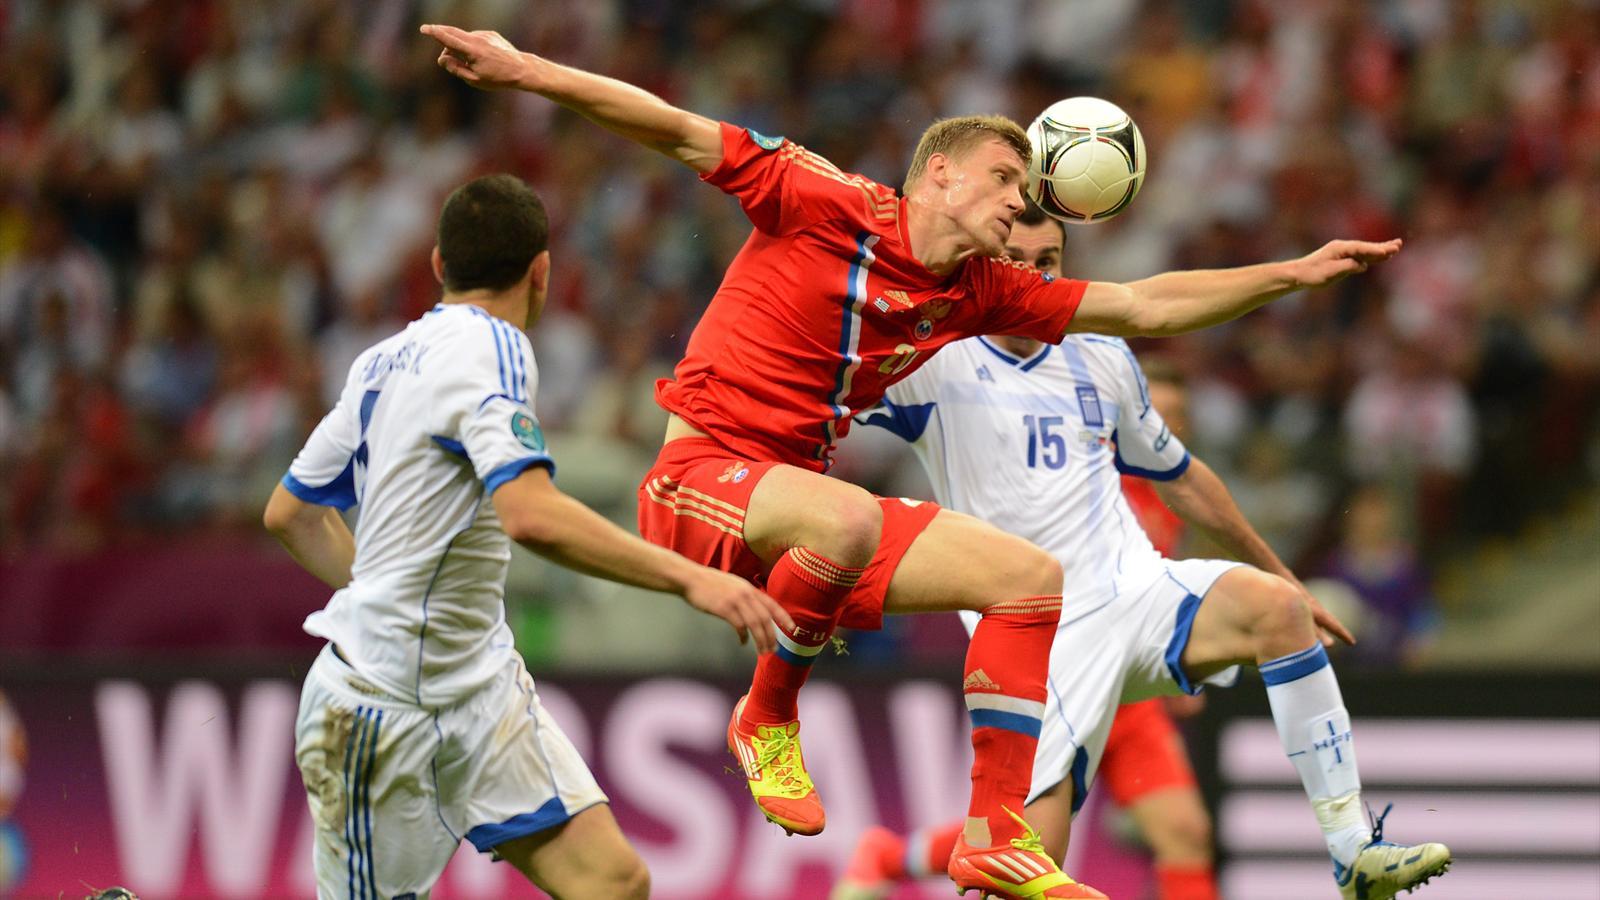 прикольные картинки с российскими футболистами россии сих пор